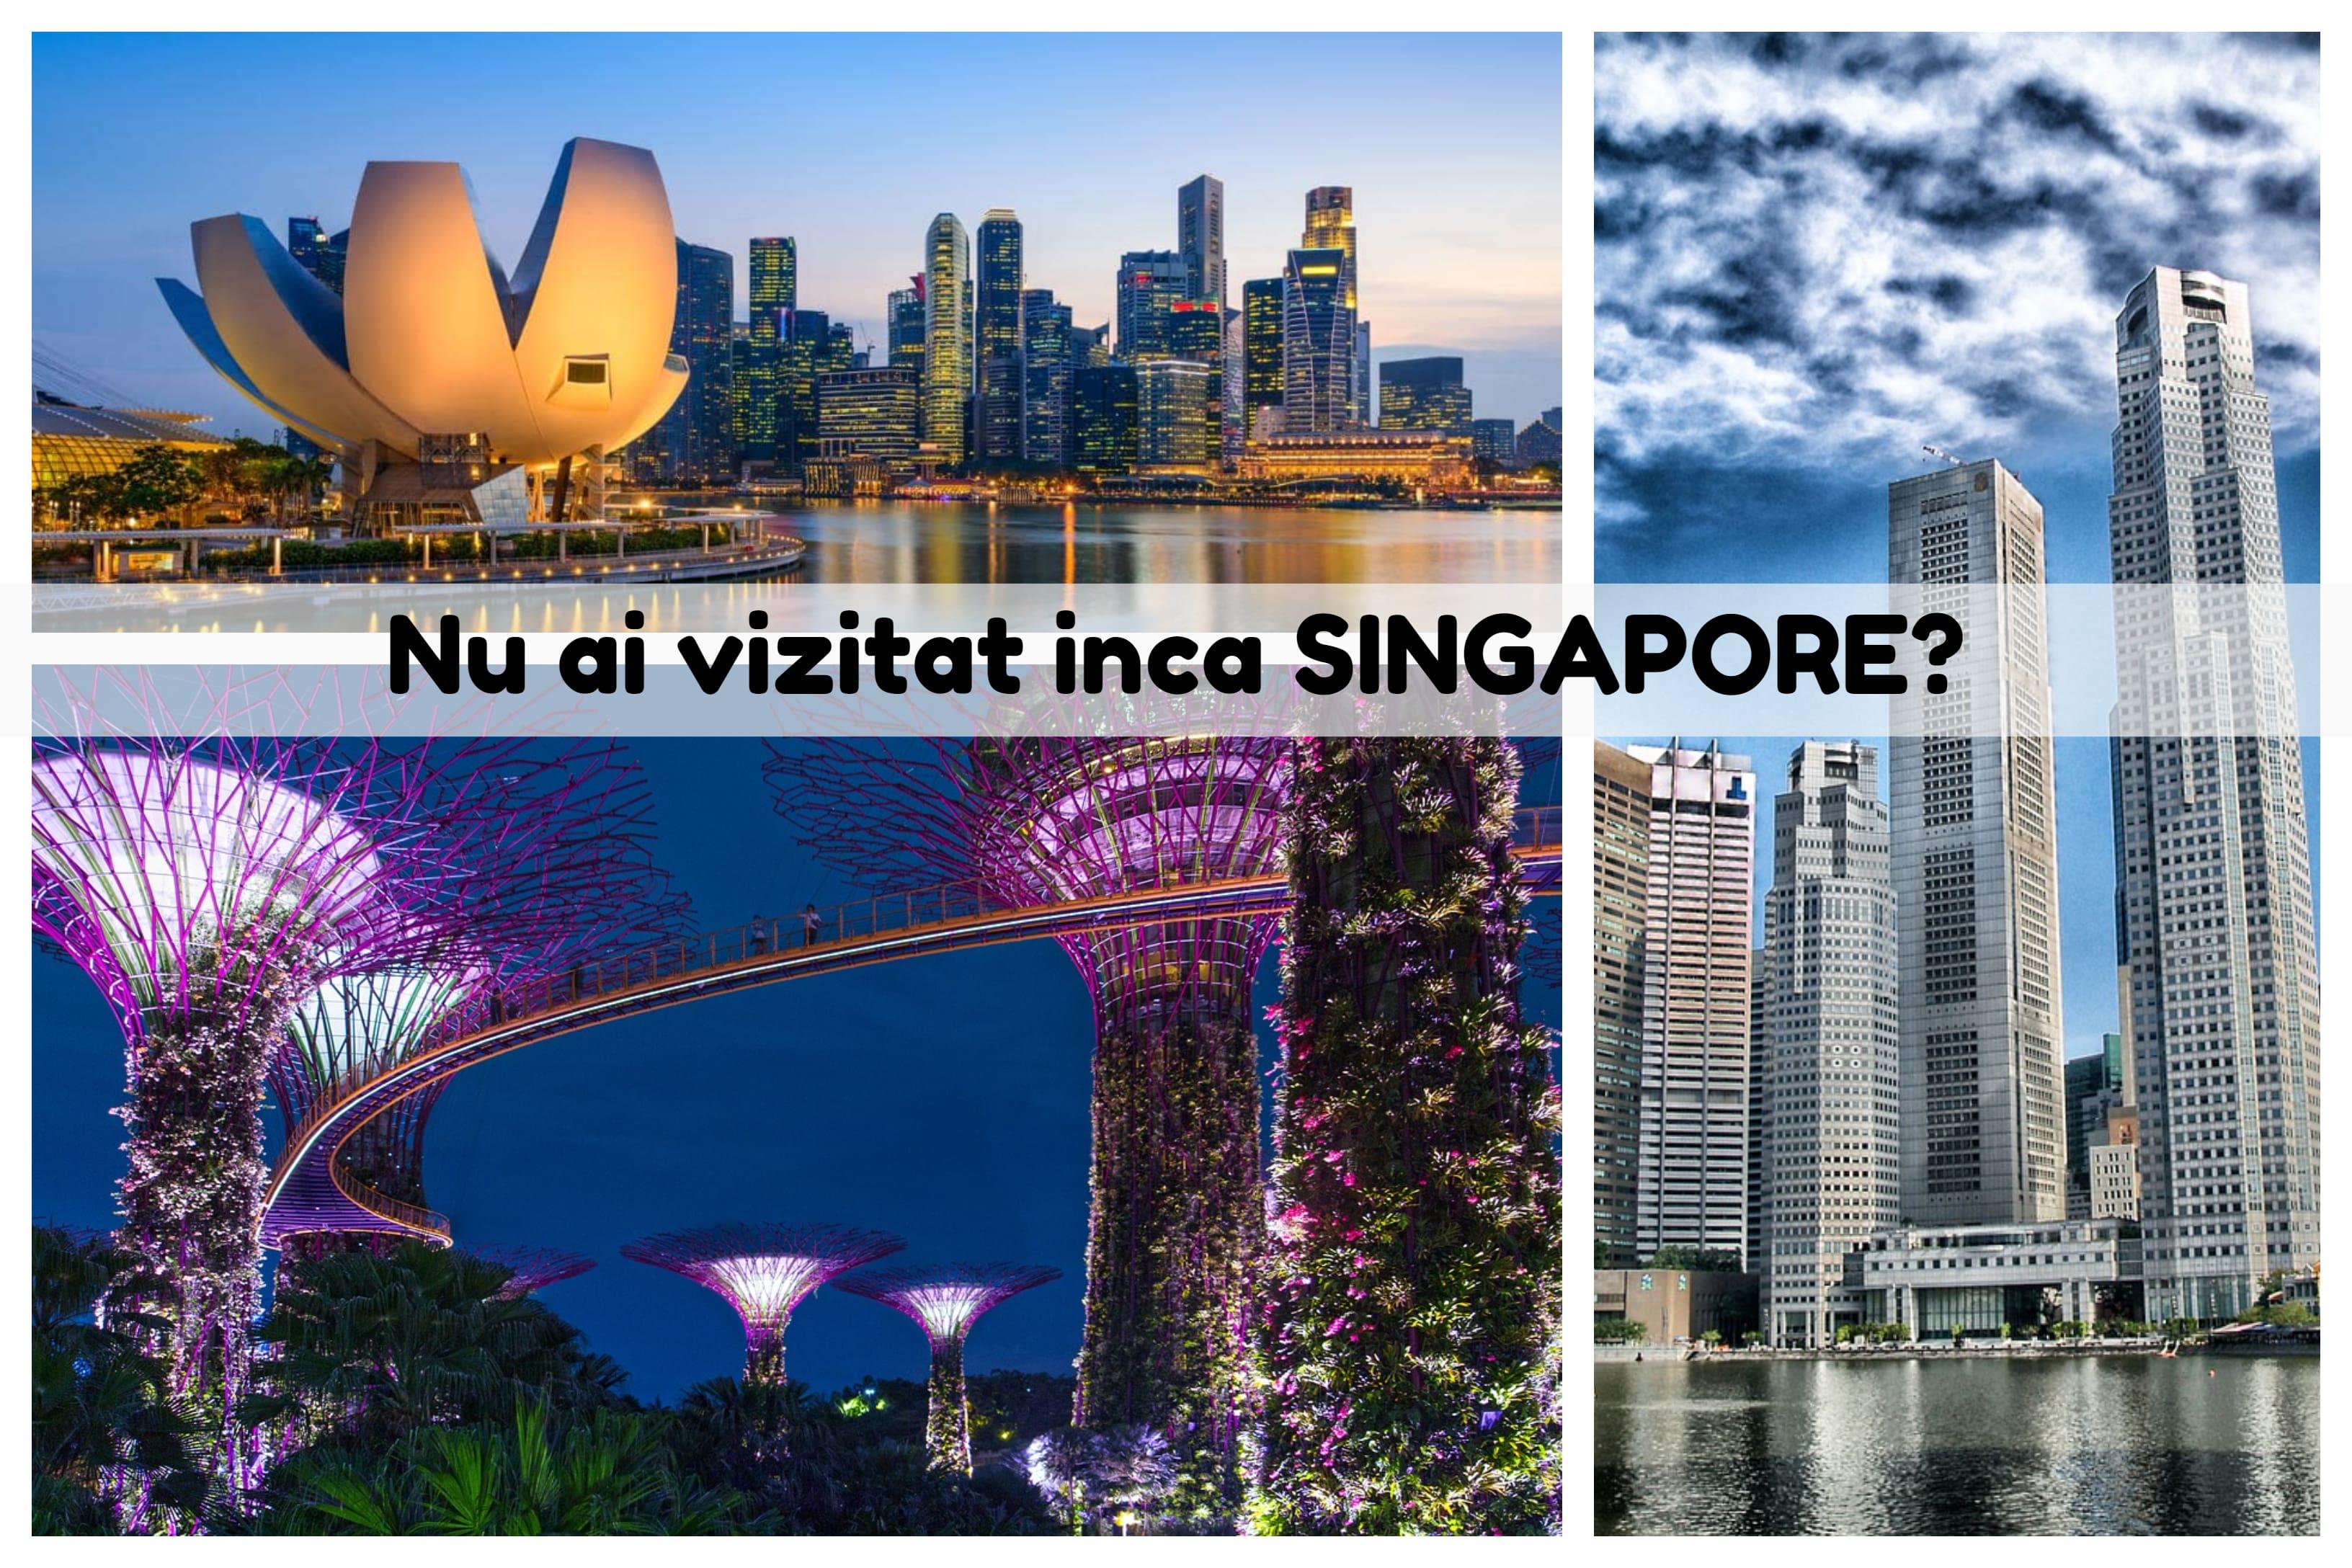 Imagini din Singapore - zbor cu KLM